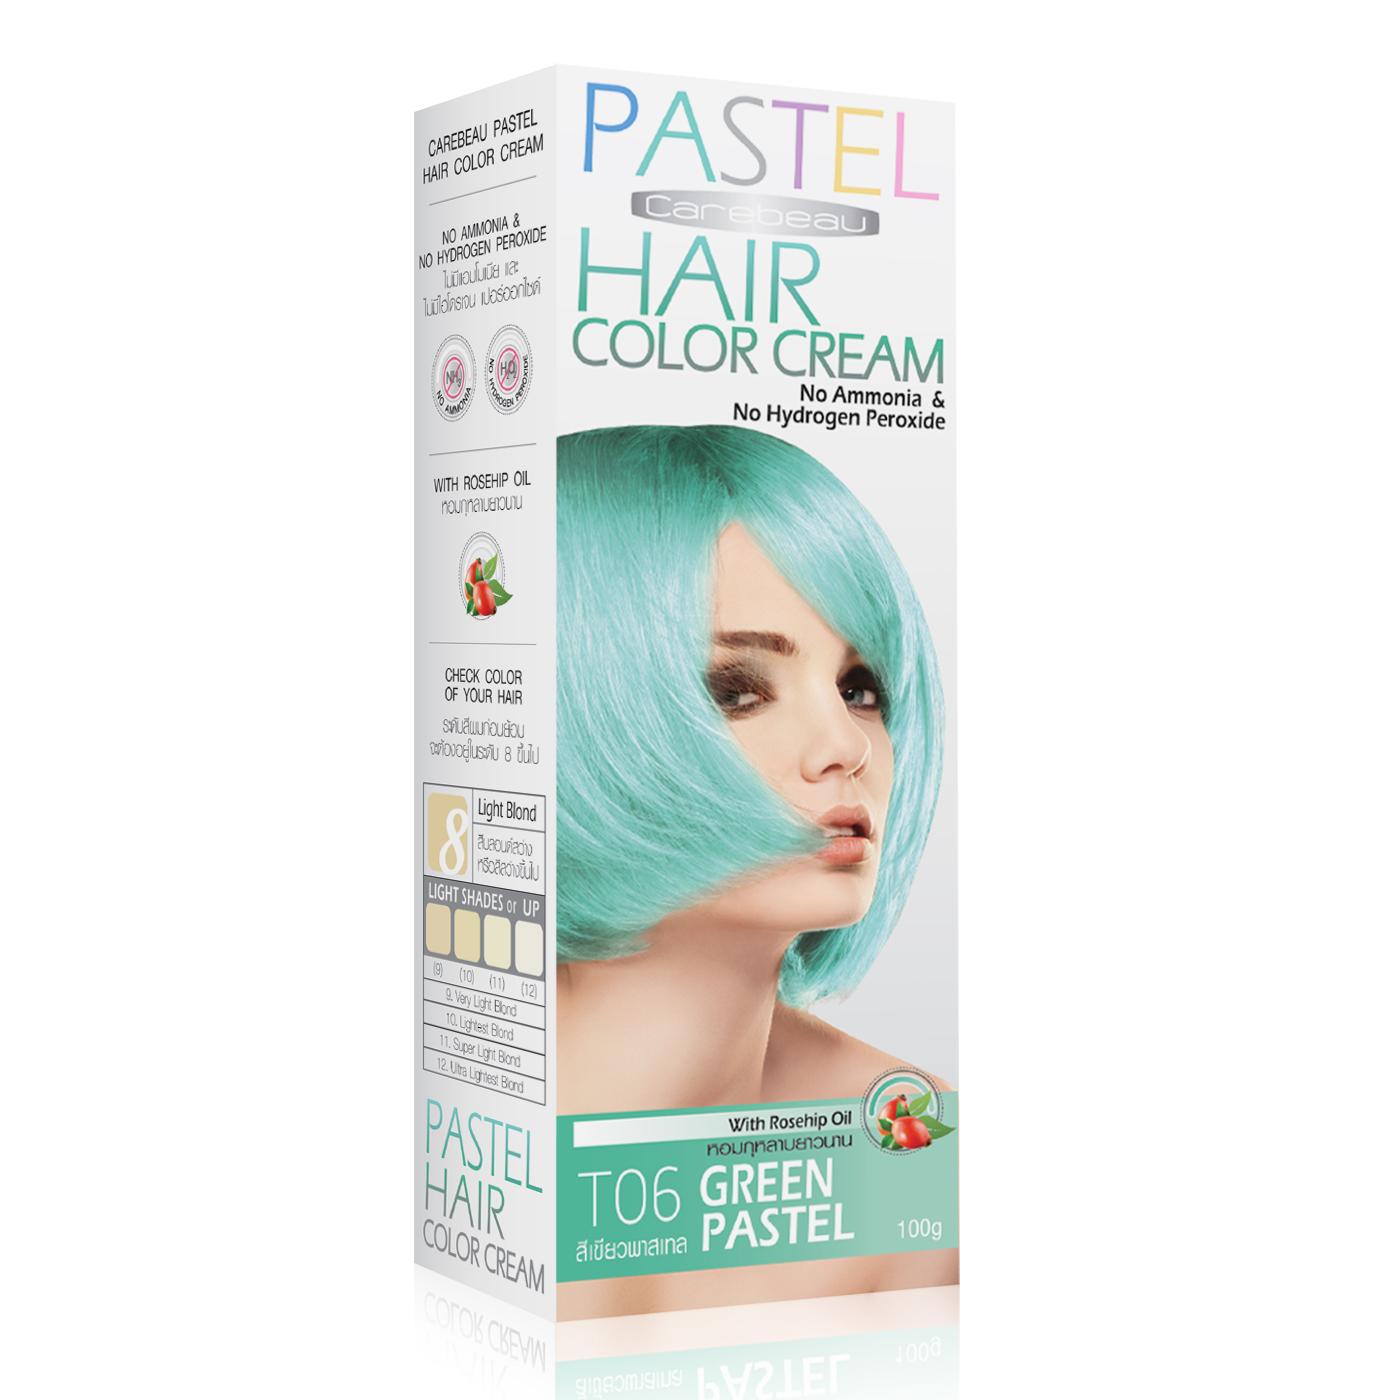 ครีมเปลี่ยนสีผมแคร์บิว CAREBEAU PASTEL HAIR COLOR CREAM T04 สีเขียวพาสเทล ราคาถูก ๆ W.165 รหัส H142